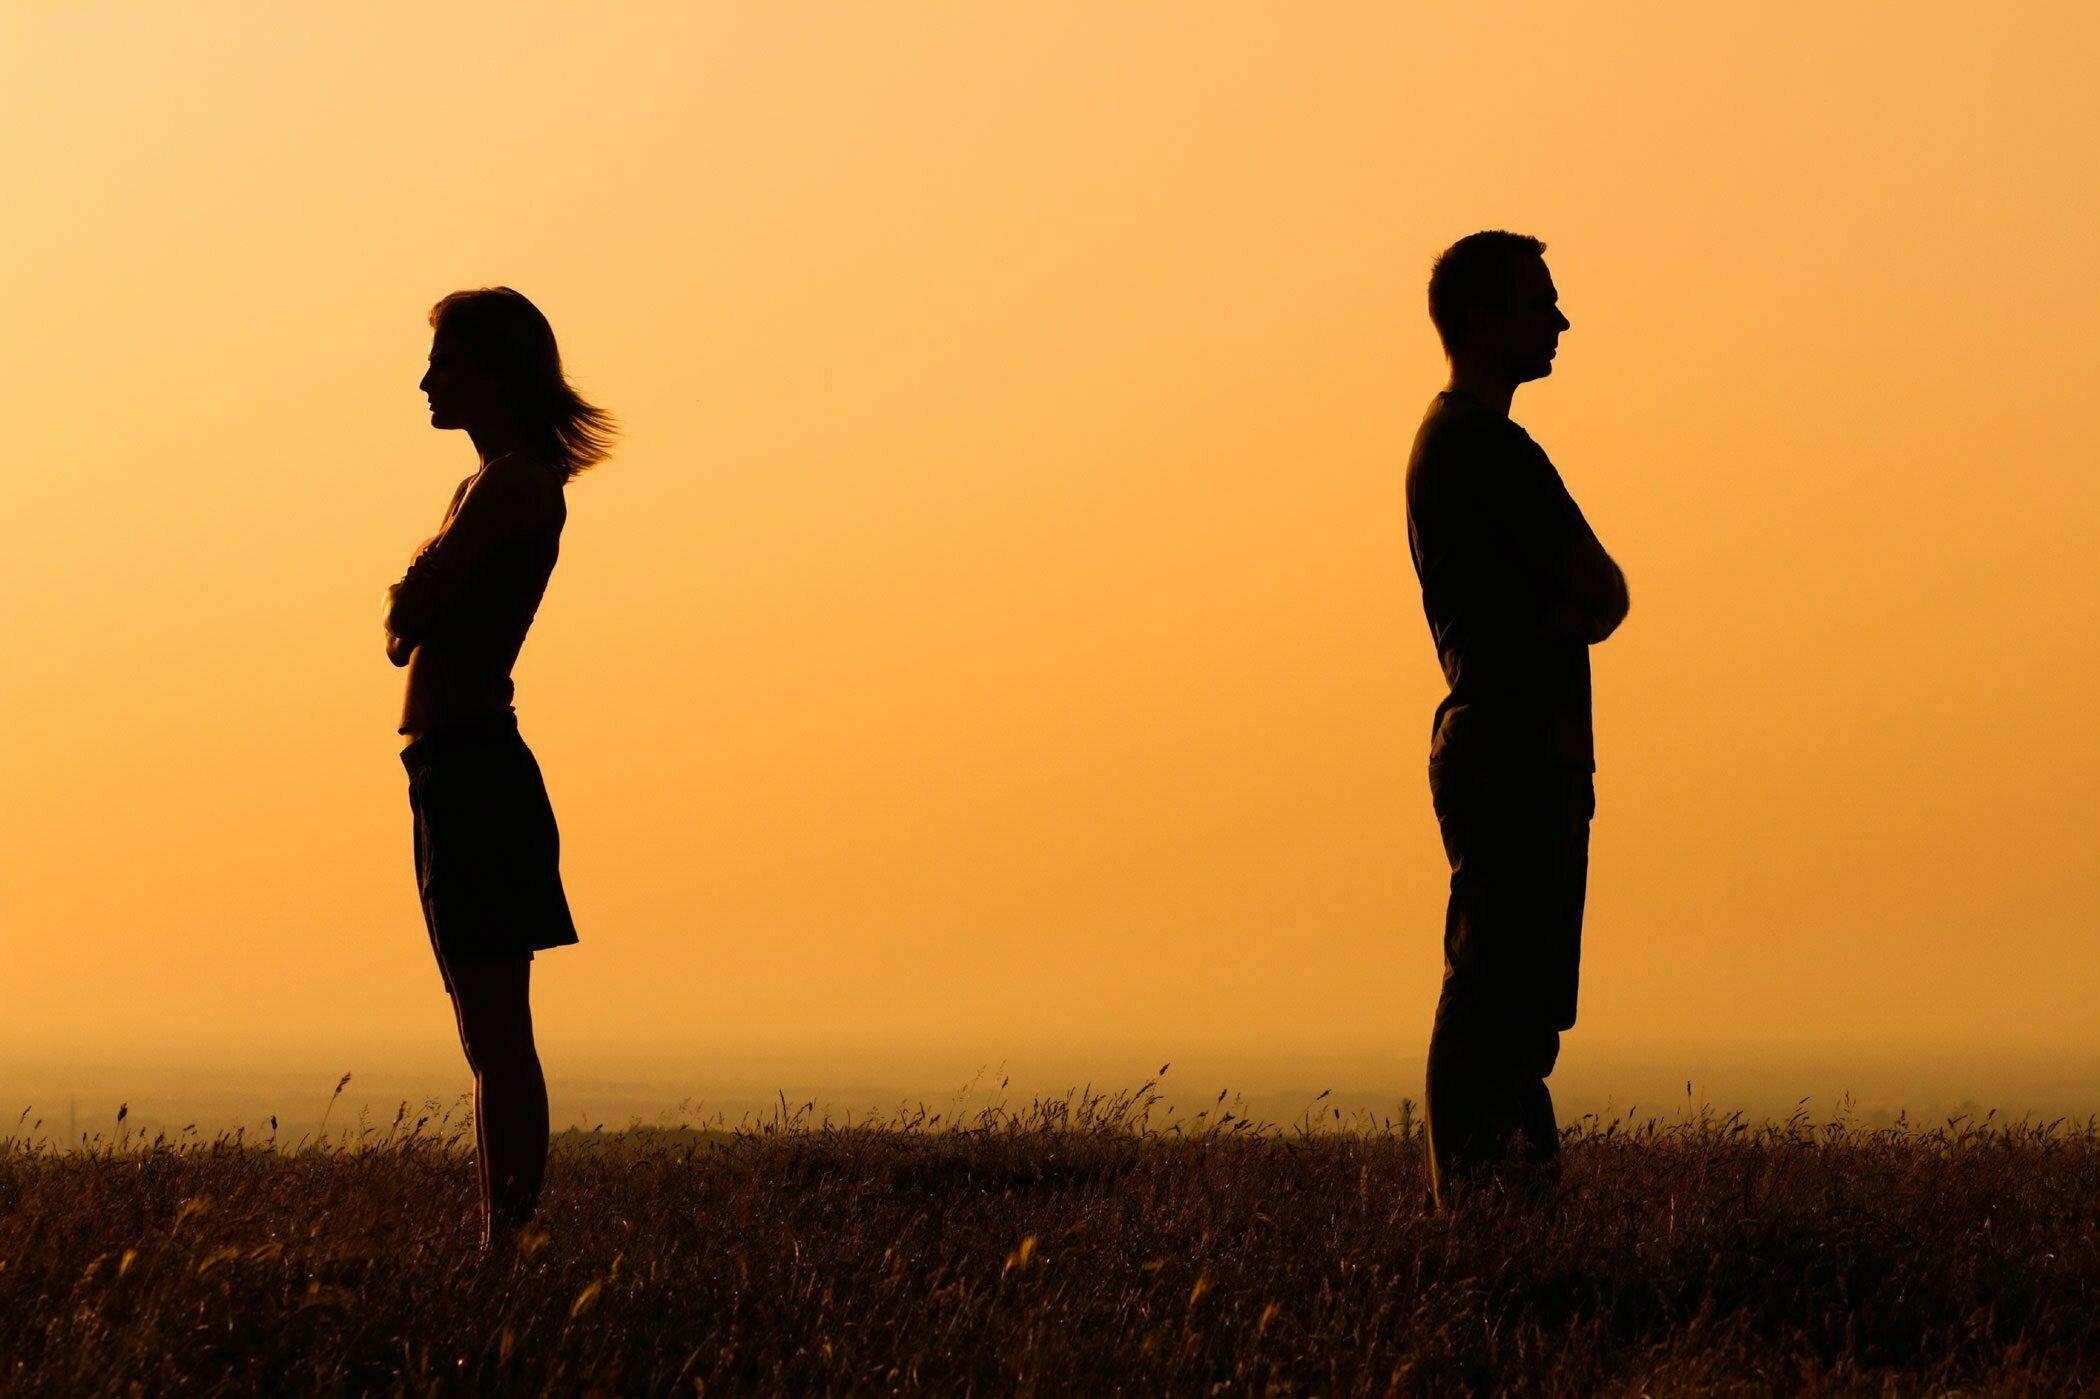 parterapi kan hjælpe jer med at komme tættere på hinanden